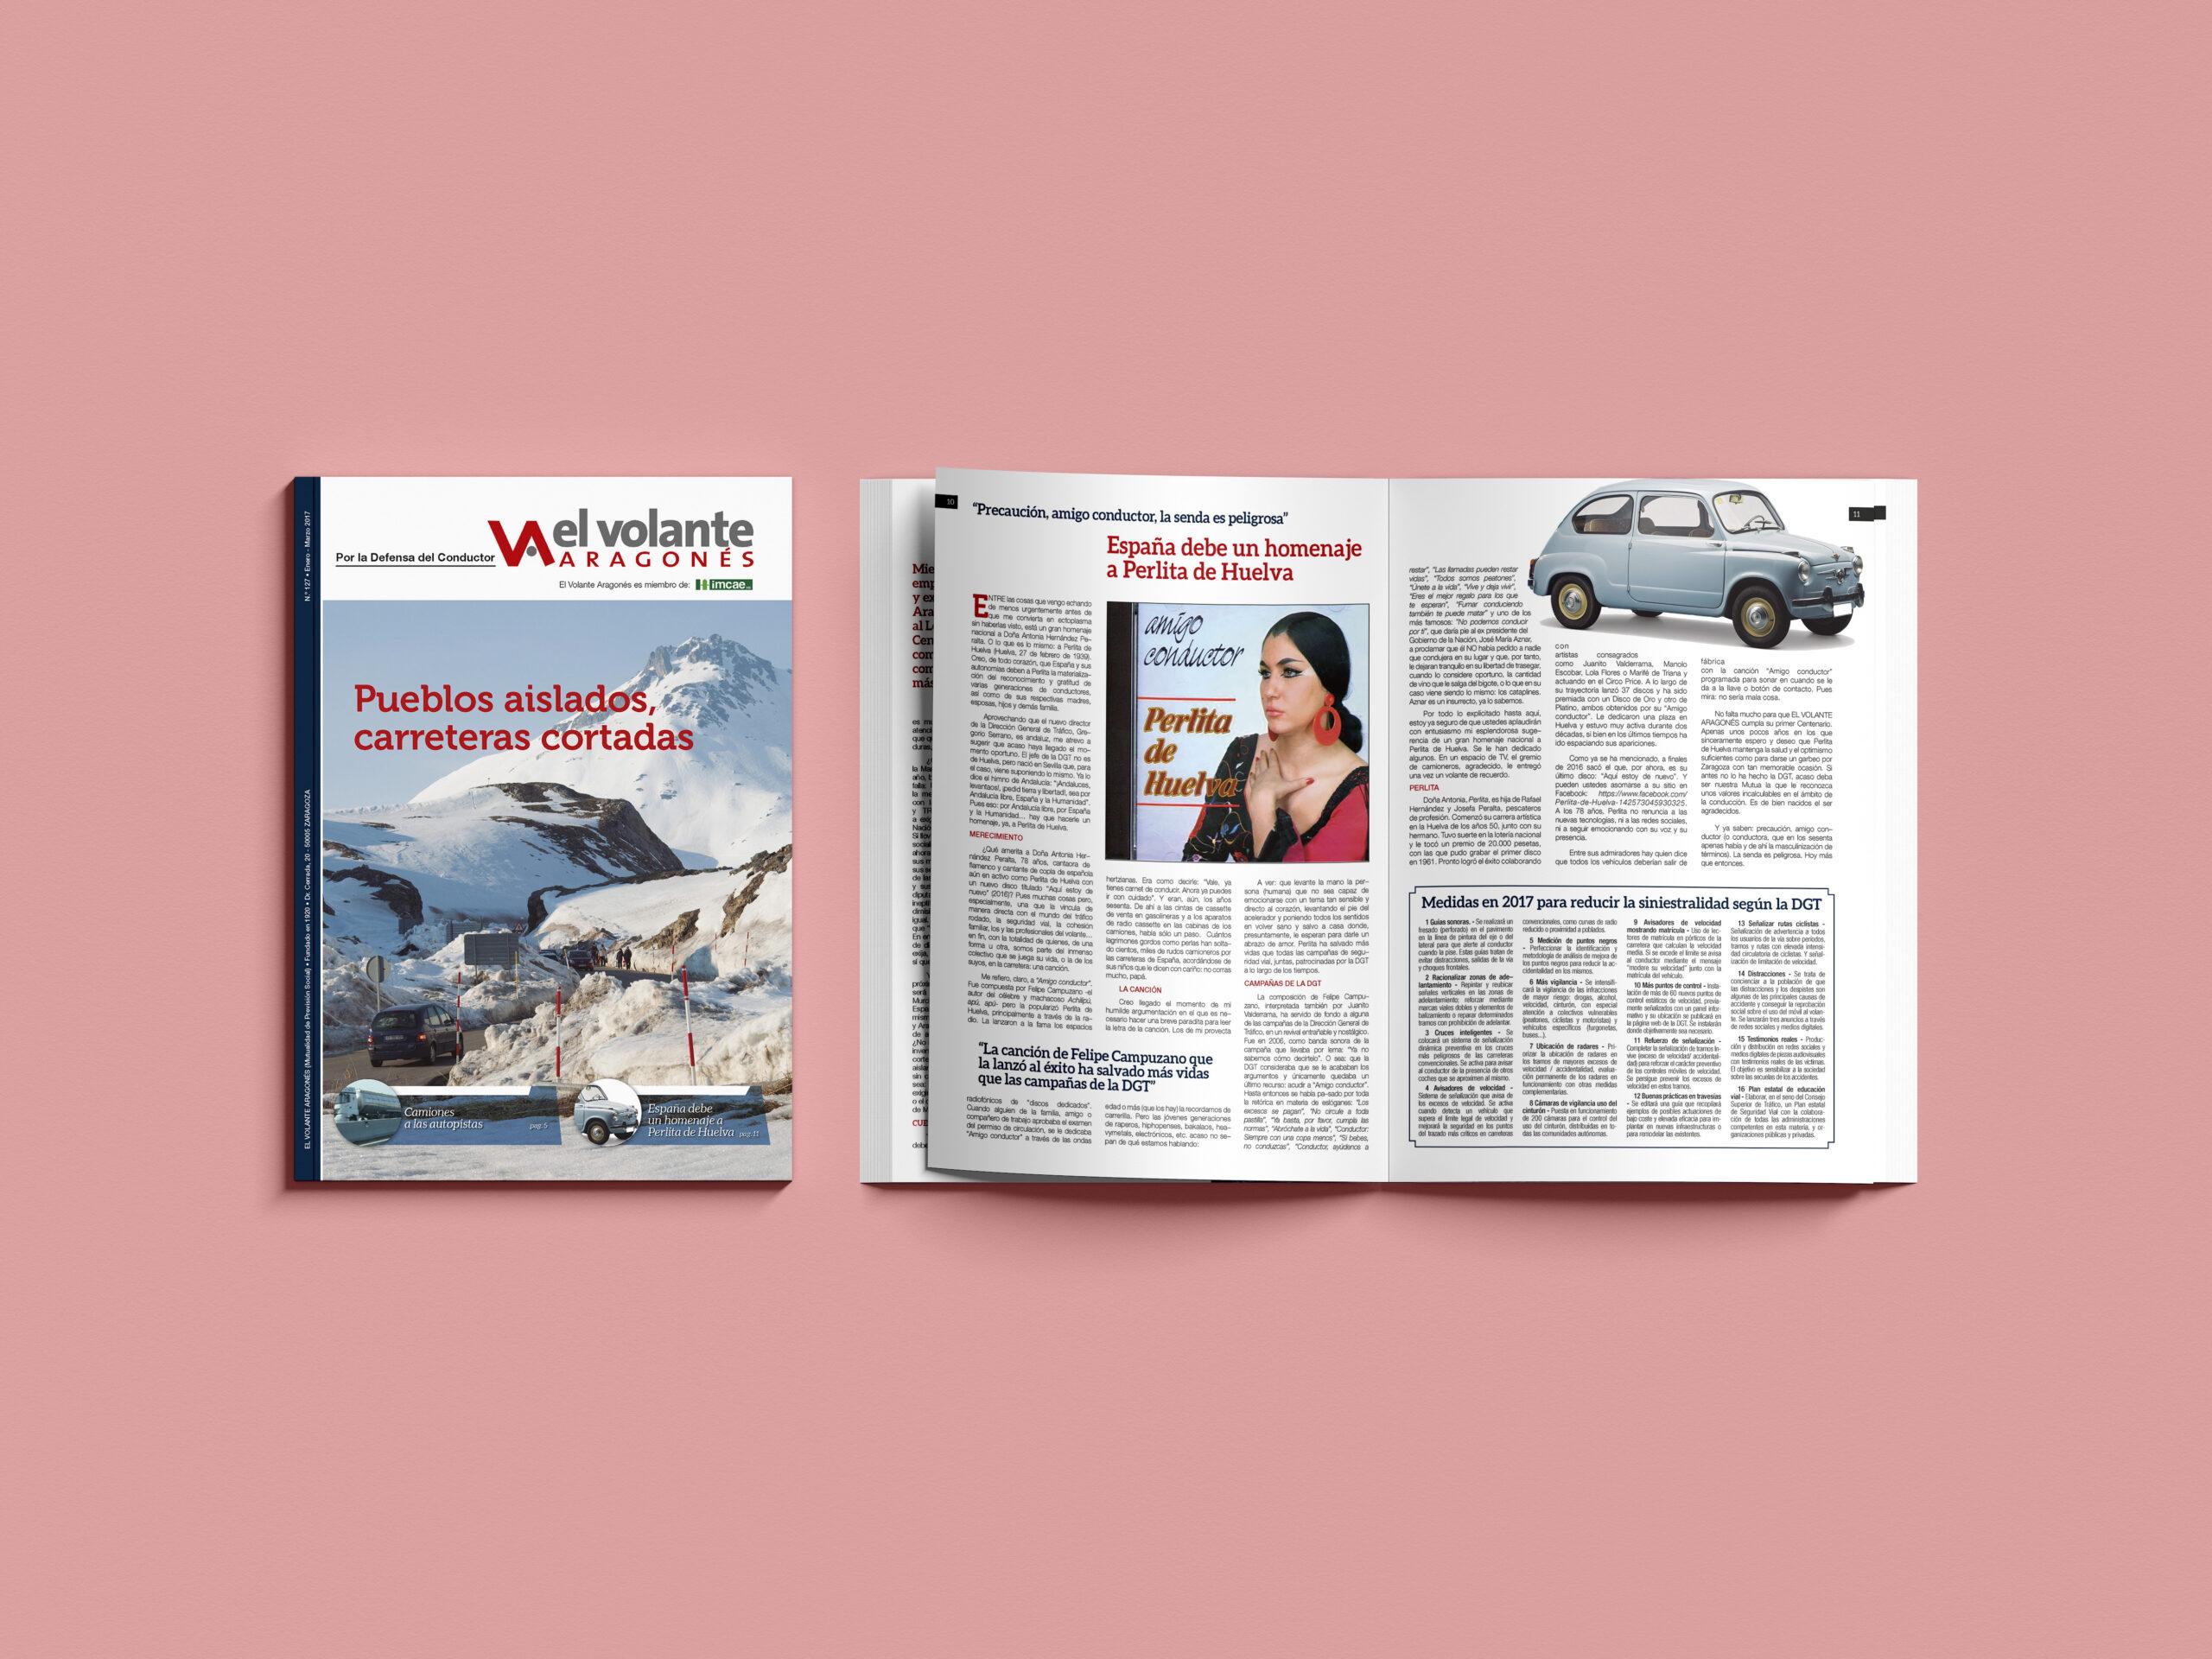 revista_el_volante_aragones_mutua_aragonesa